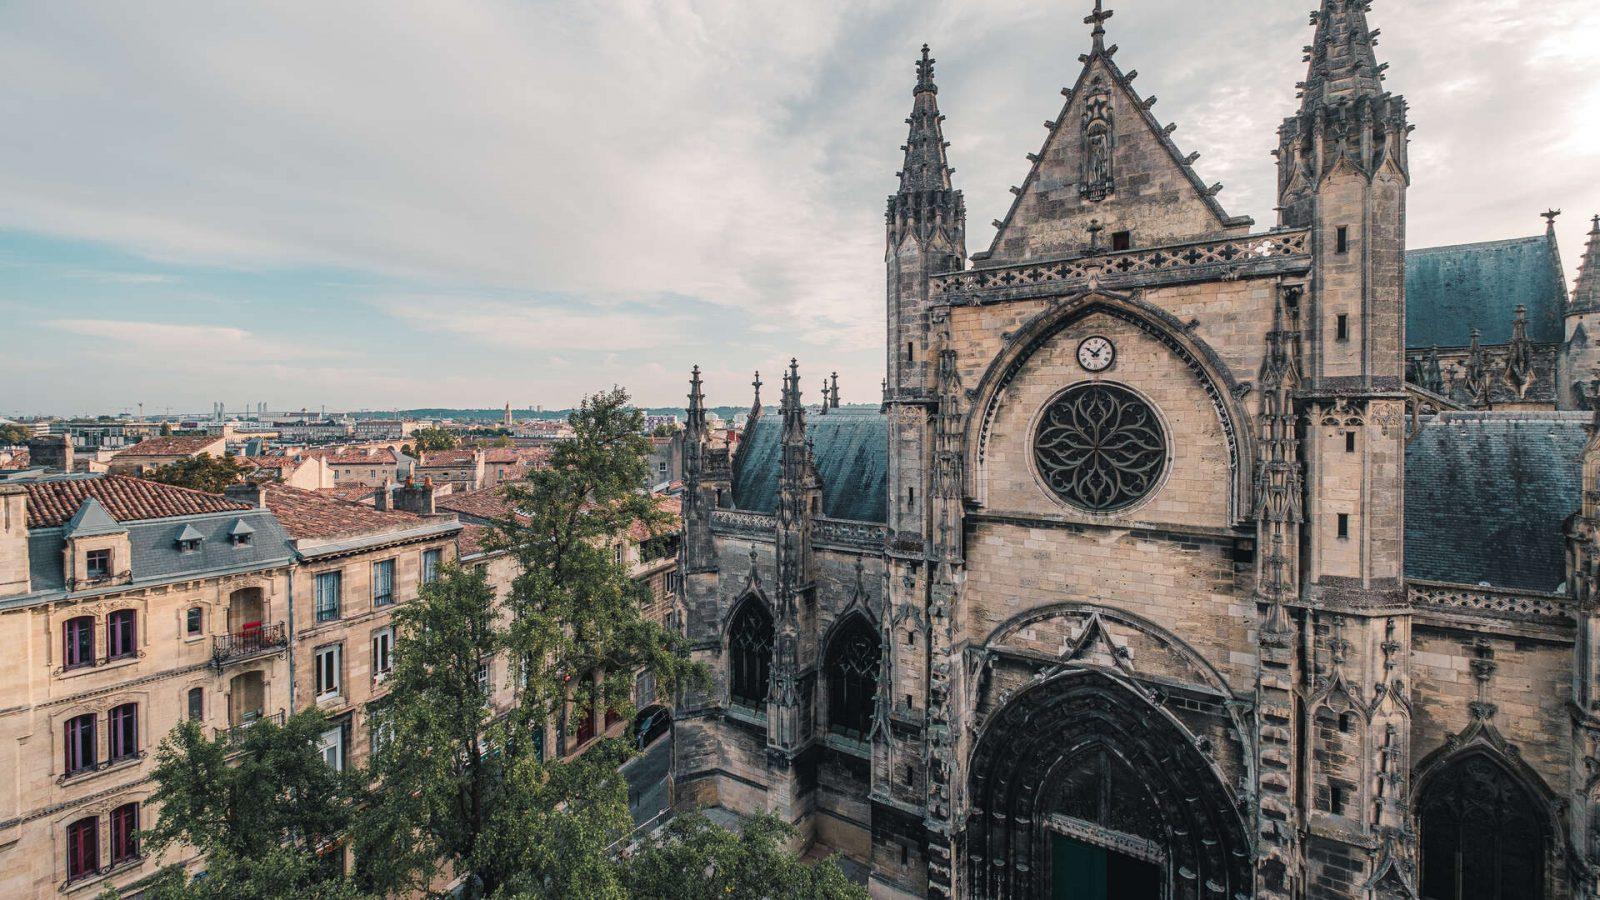 Basilique-Saint-Michel-Teddy-Verneuil—-lezbroz